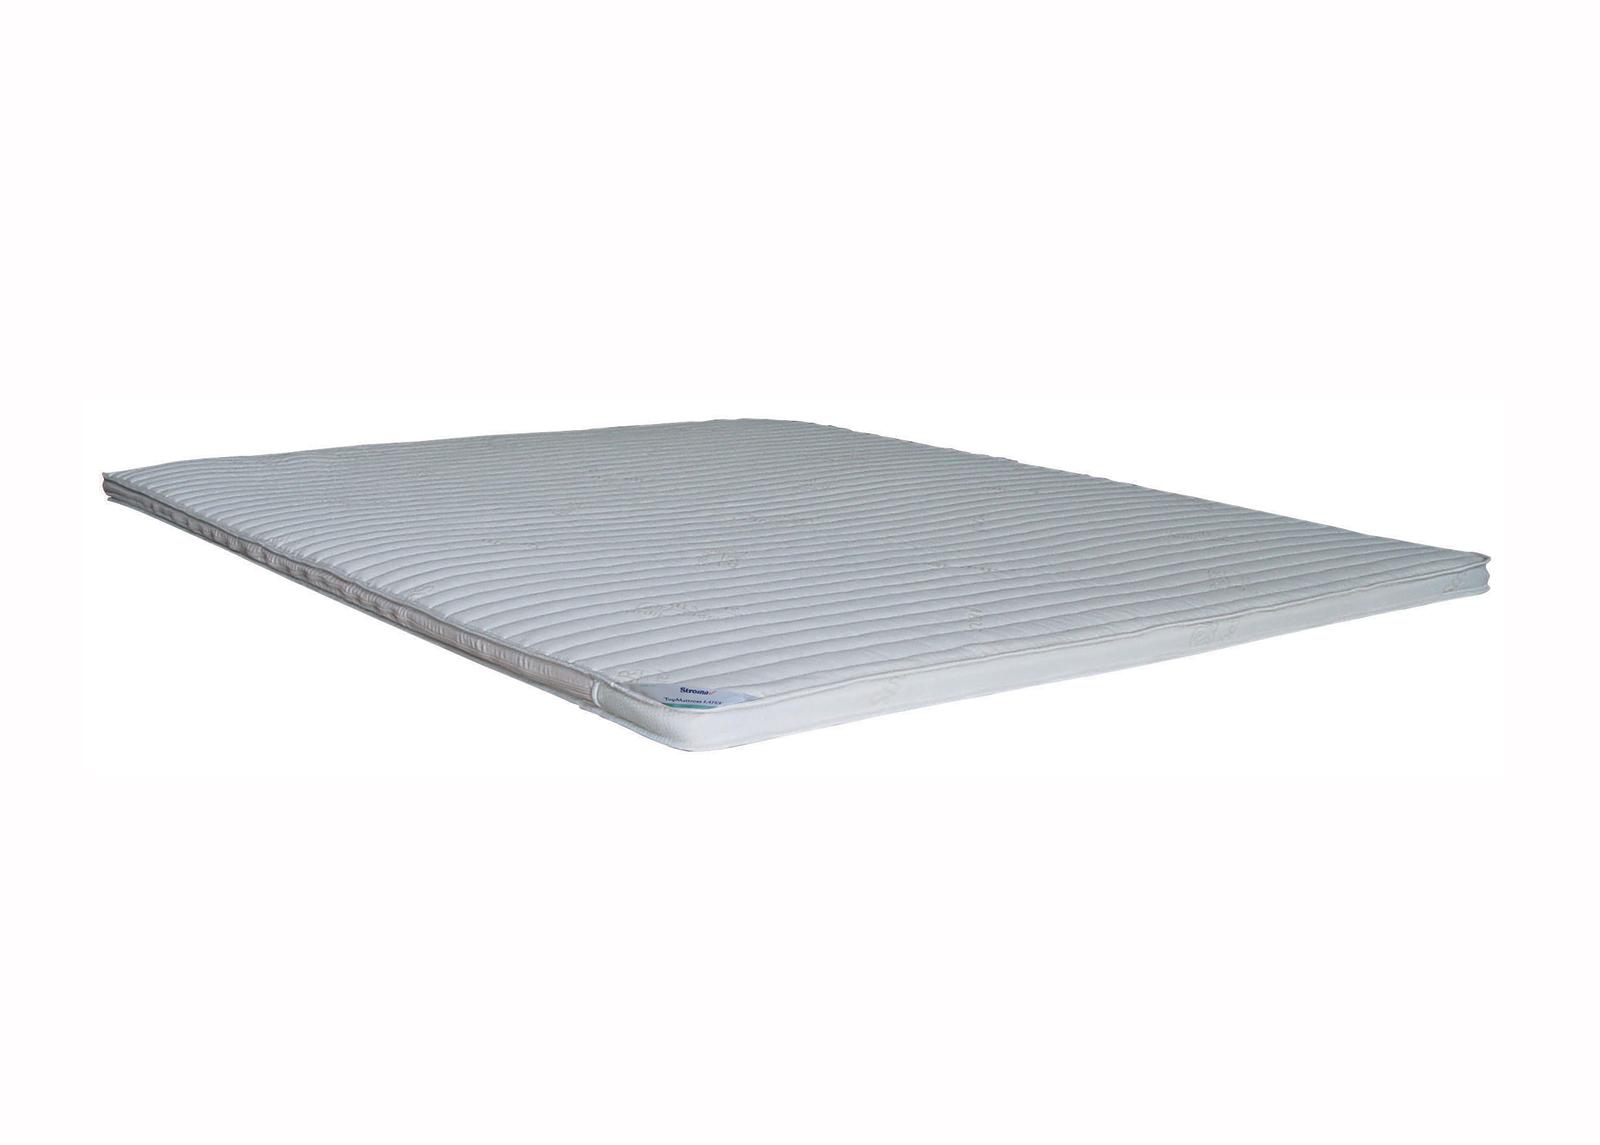 STROMA sijauspatja TOP LATEX 120x200x4 cm